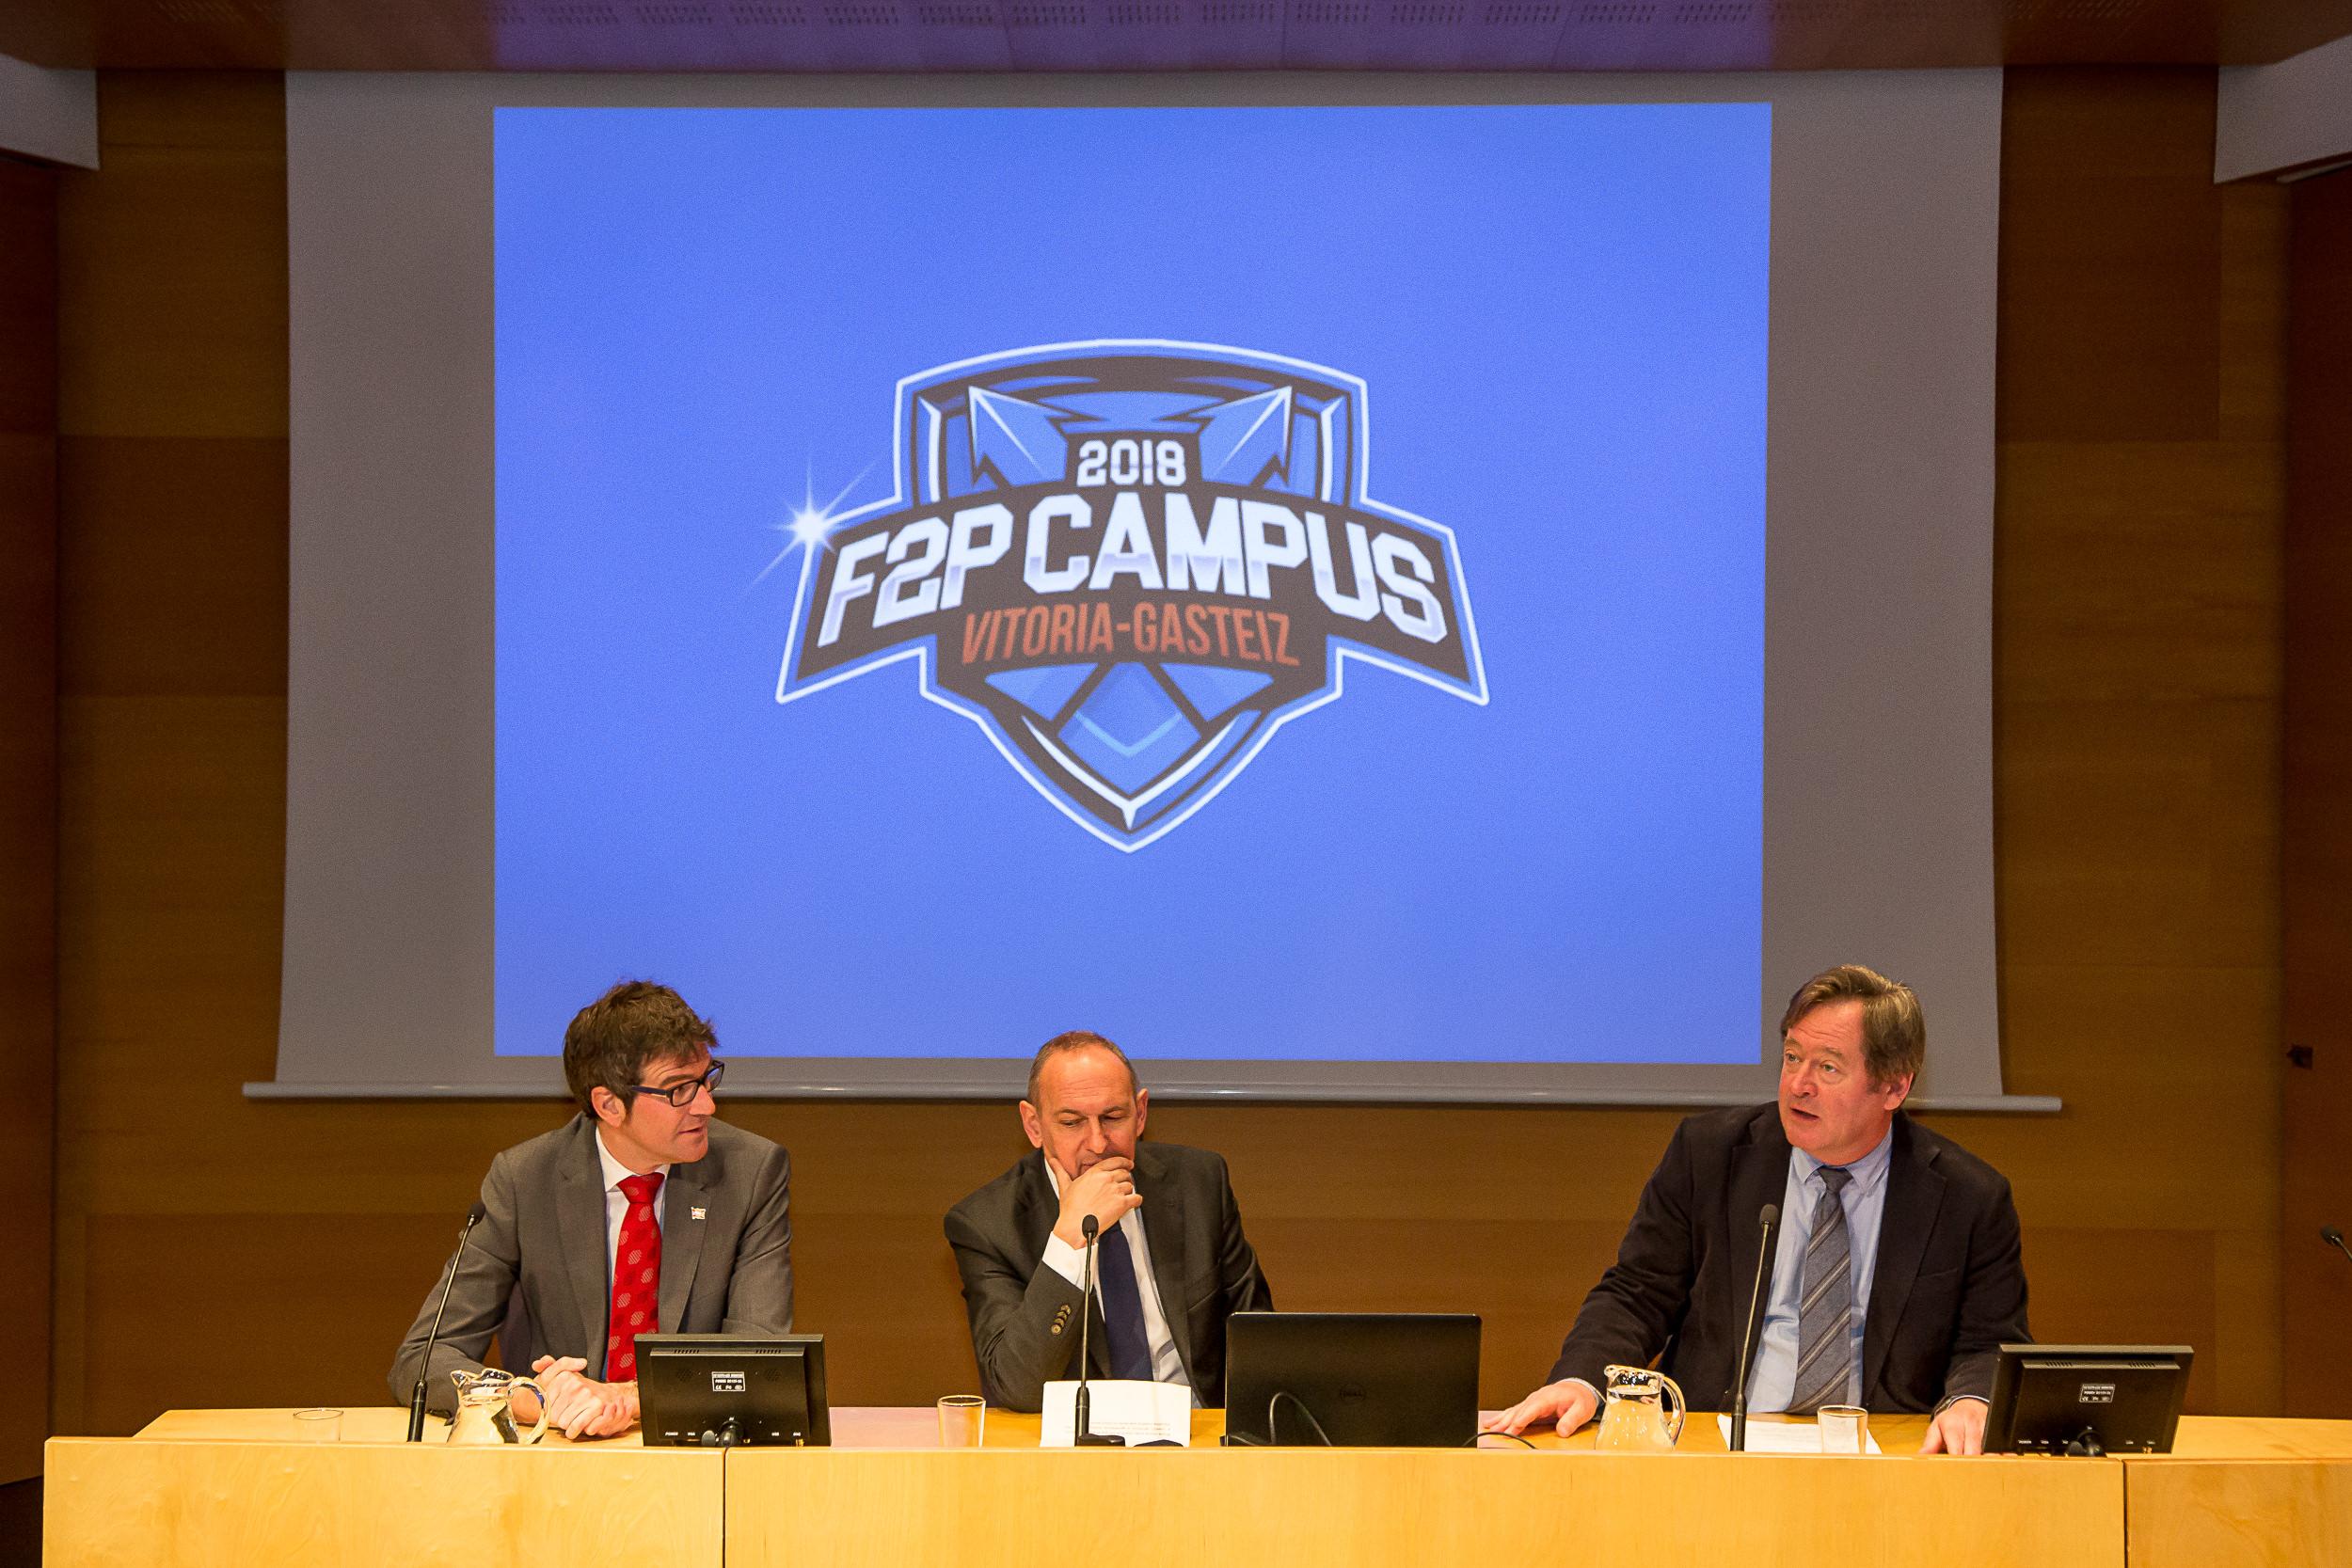 campus_02.jpg